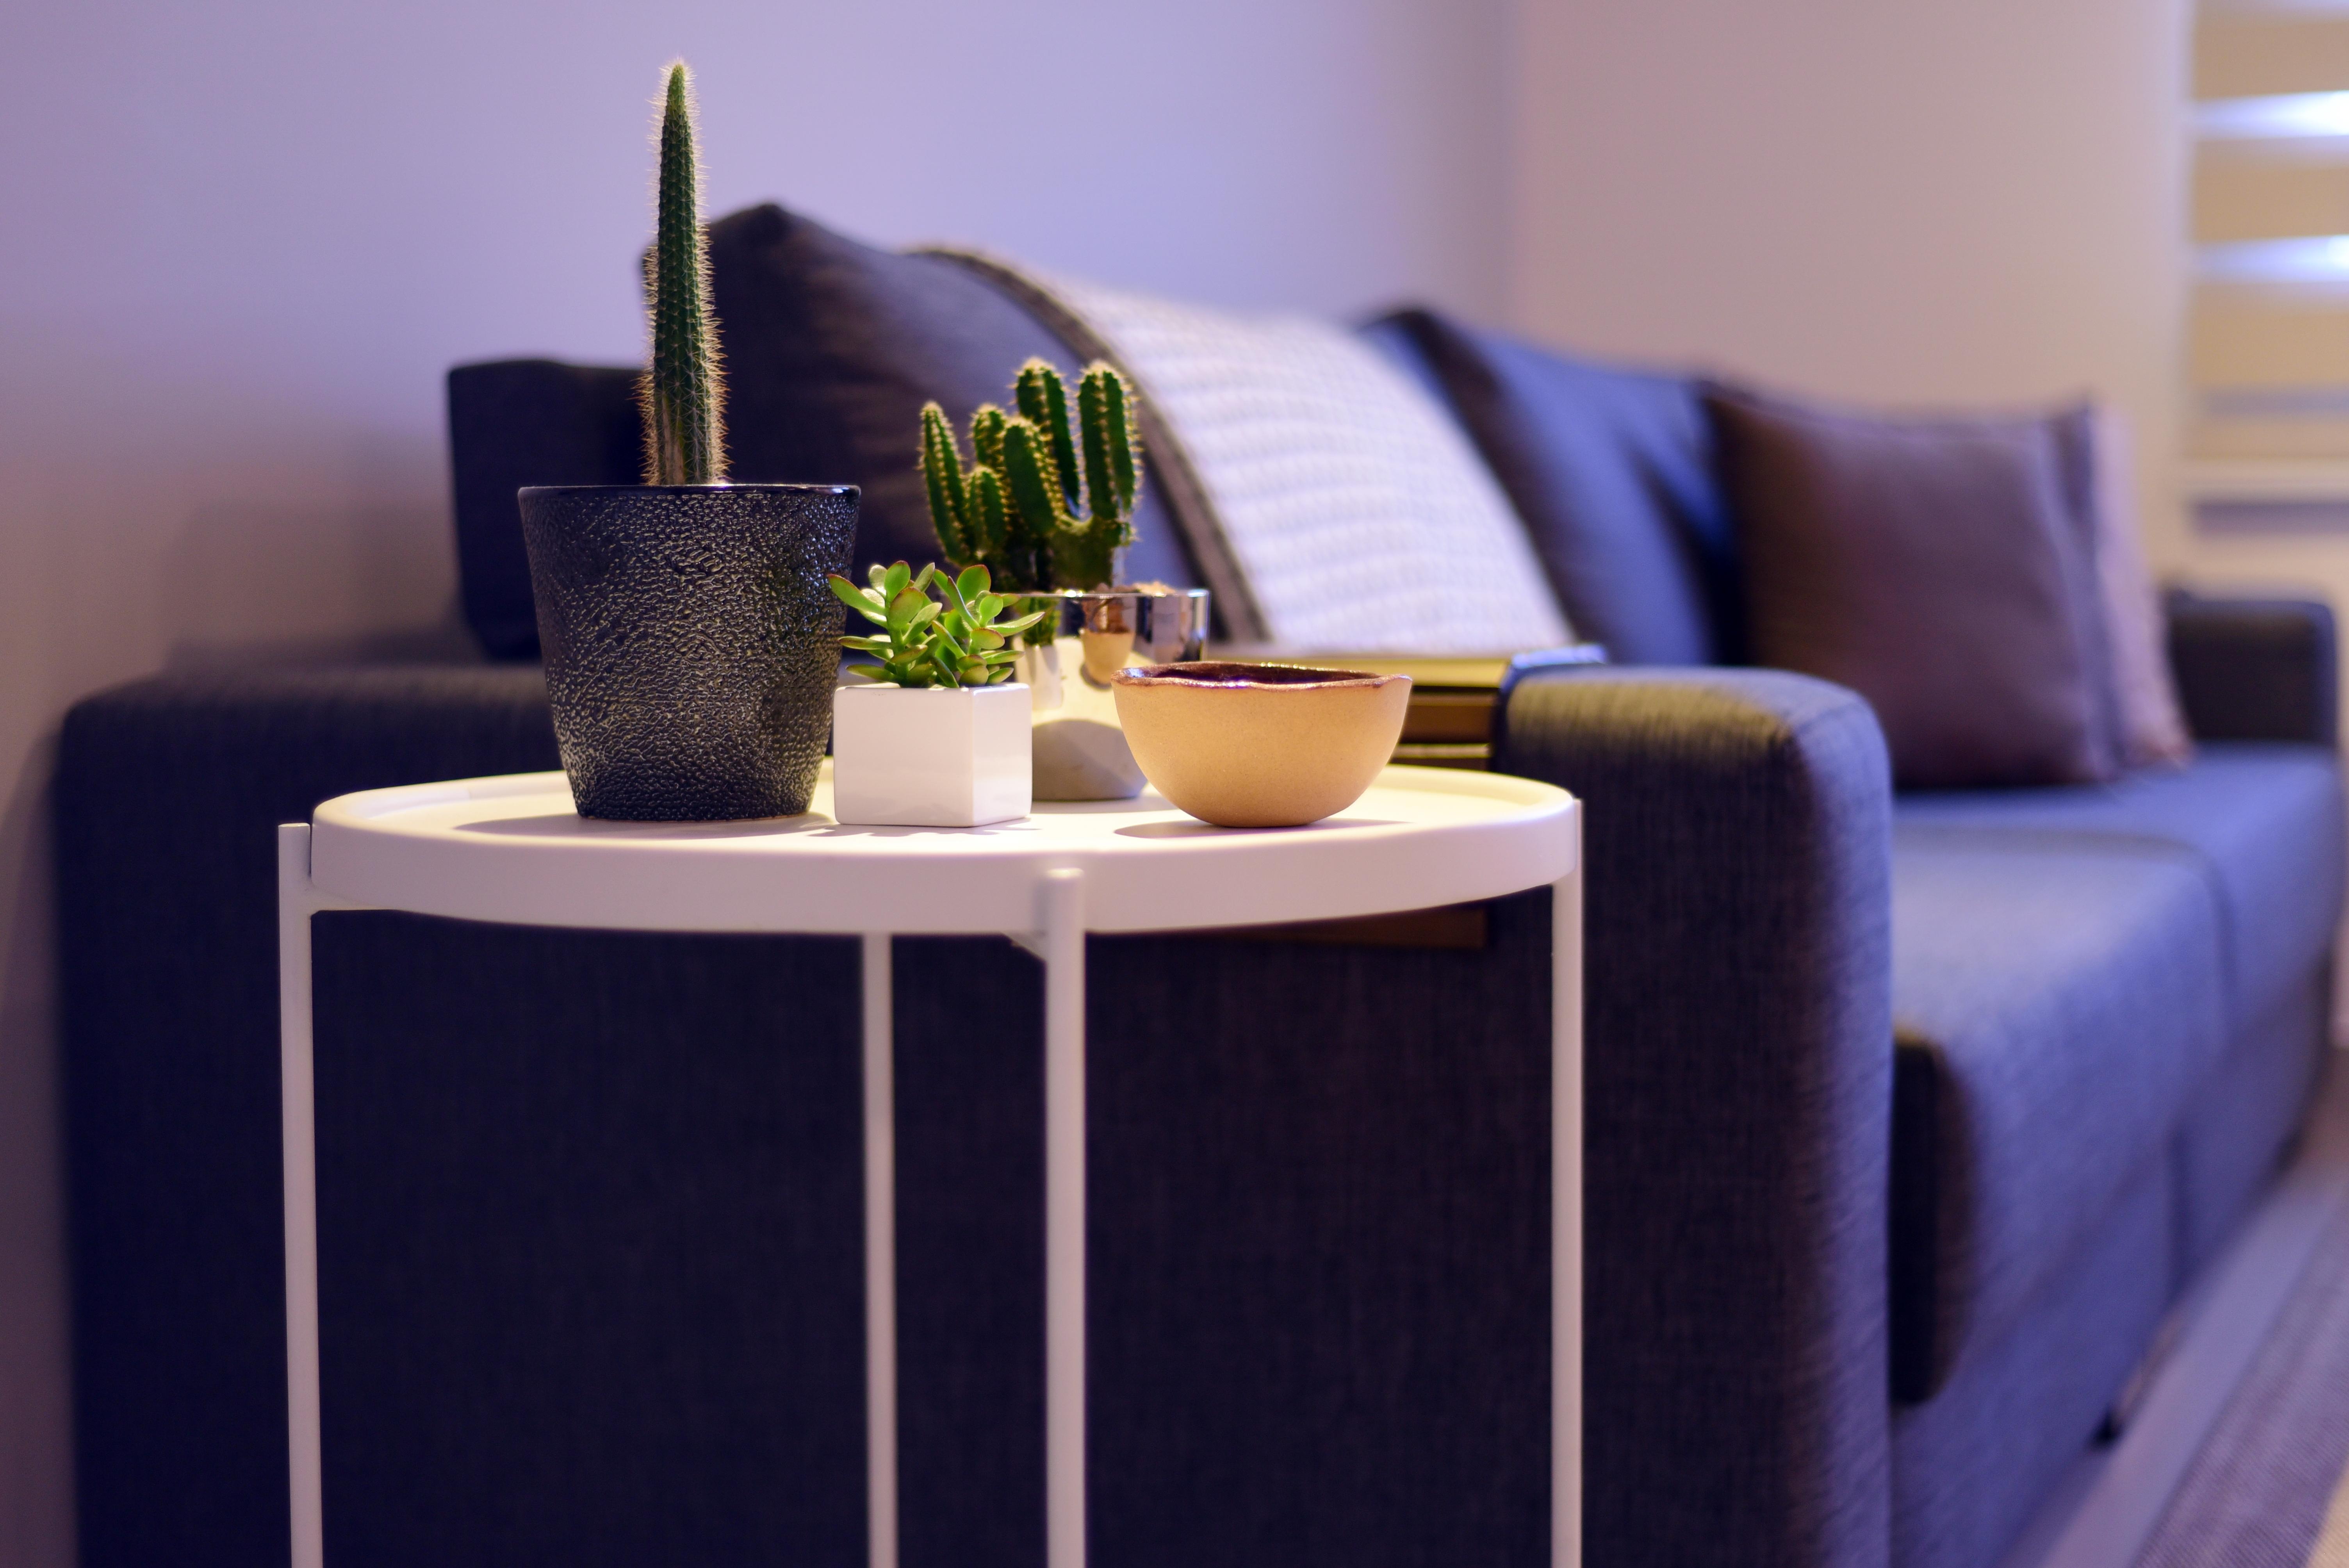 Projeto de design para reforma de apartamento moderno em Curitiba - Estudio Murilo Zadulski Interiores - Projeto sala de estar moderna minimalista 04